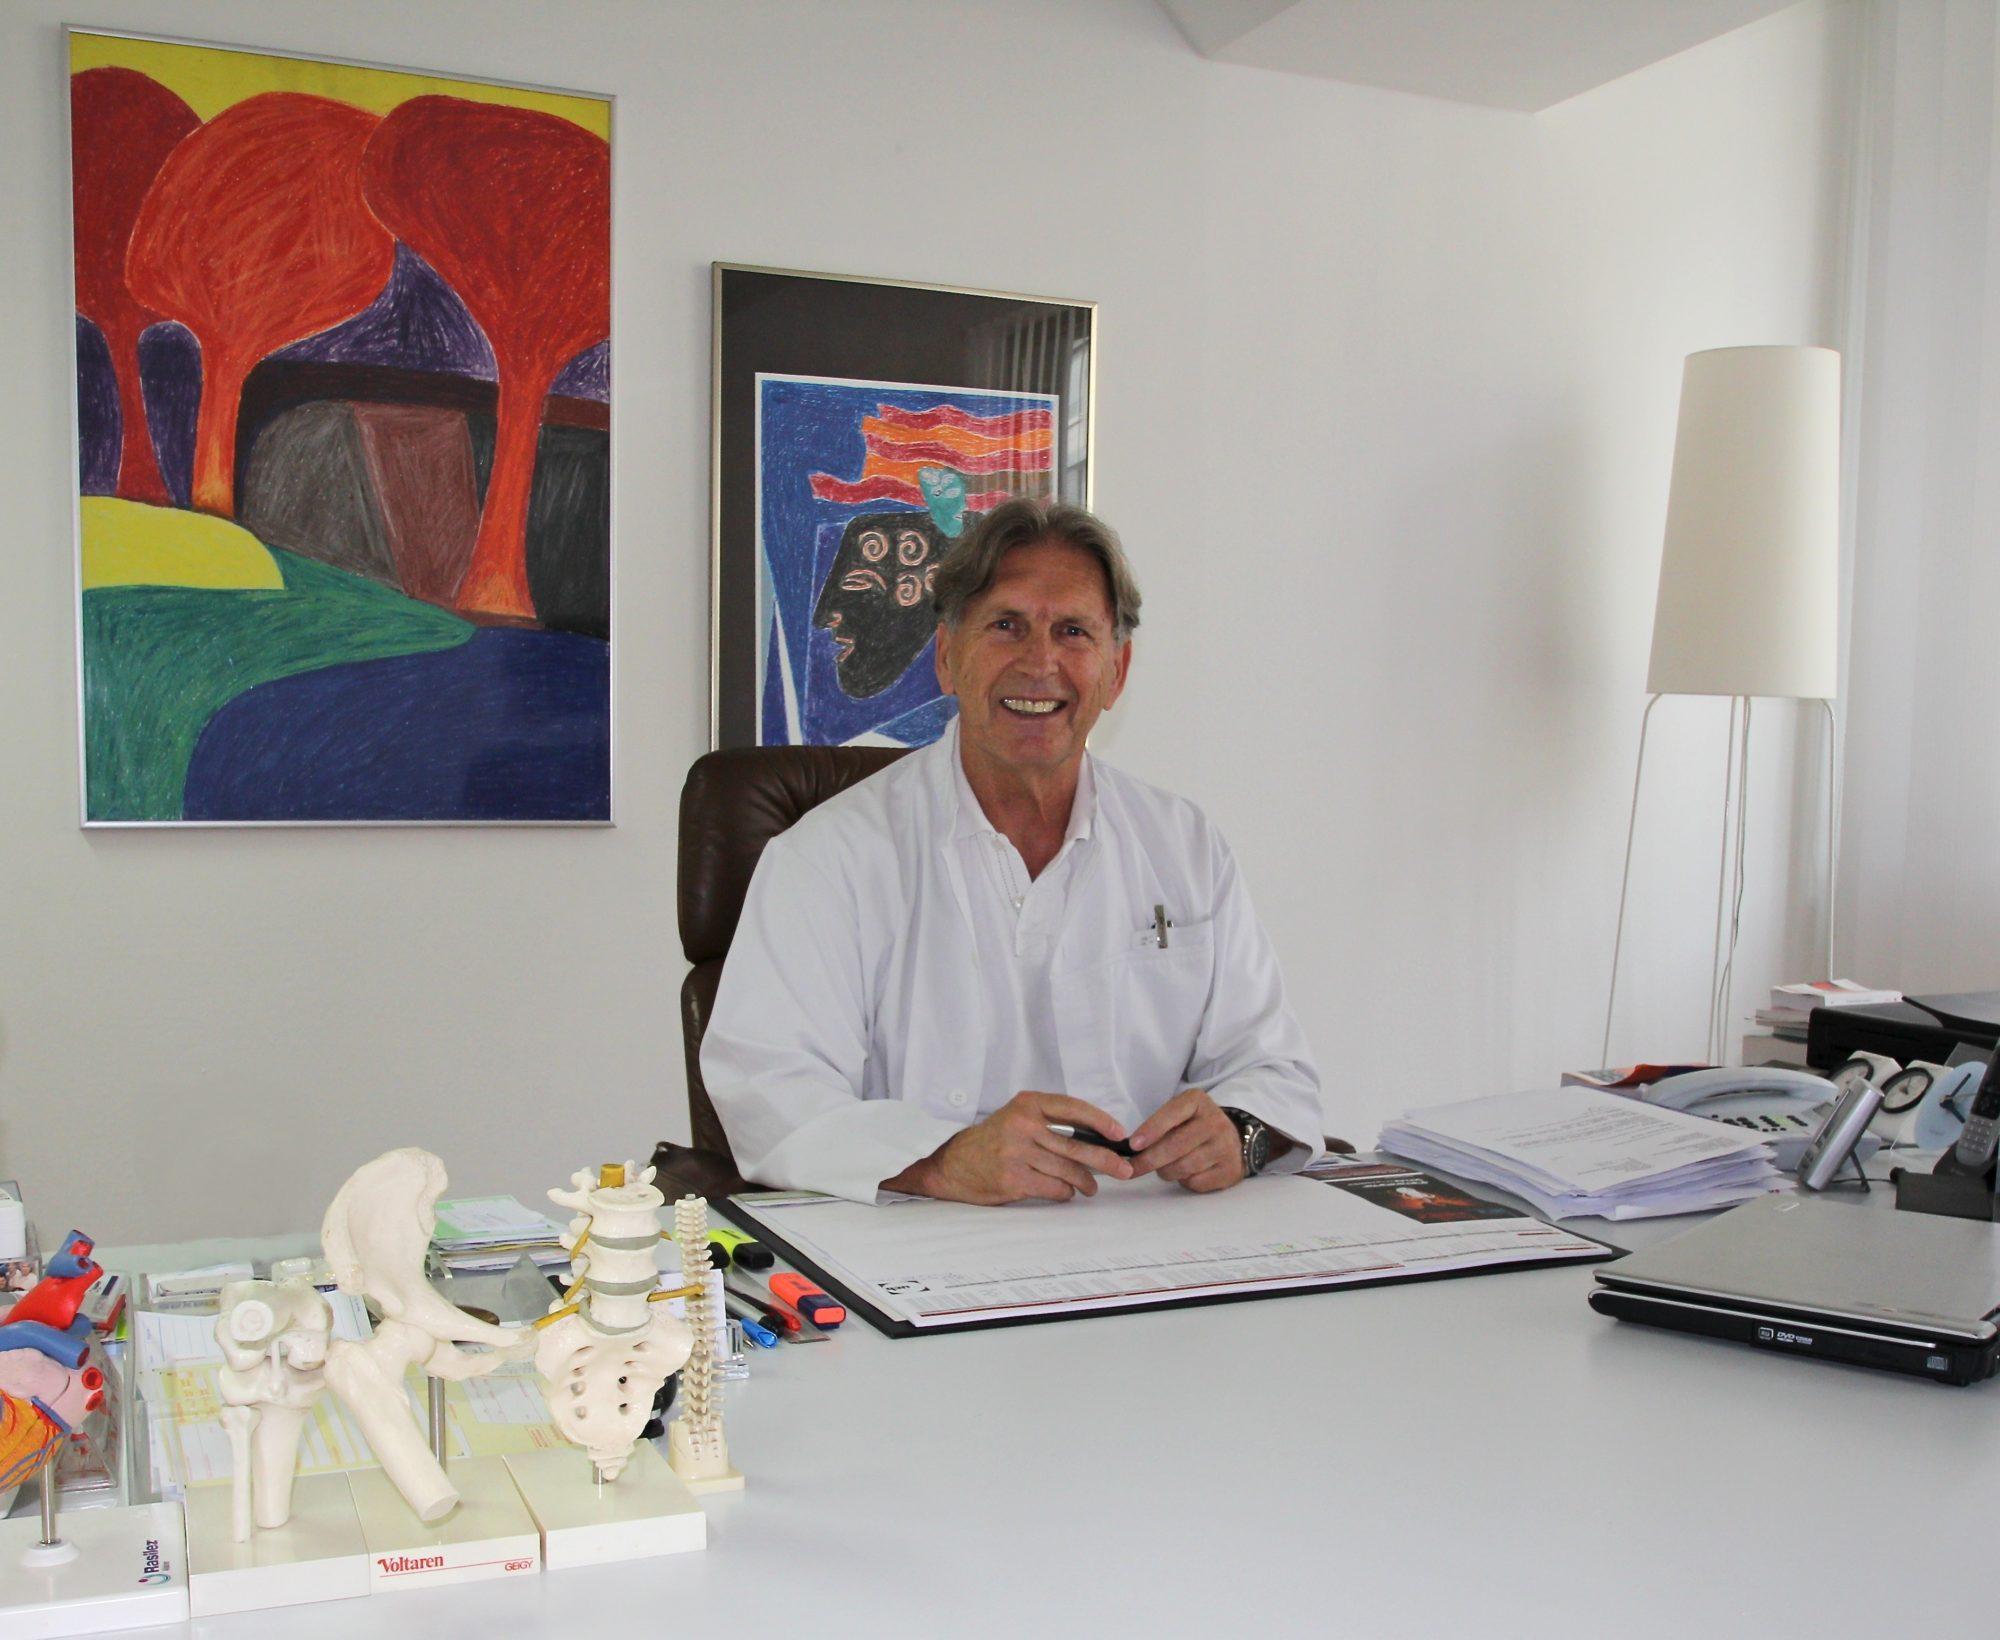 Praxis Dr. Danko Cerovecki